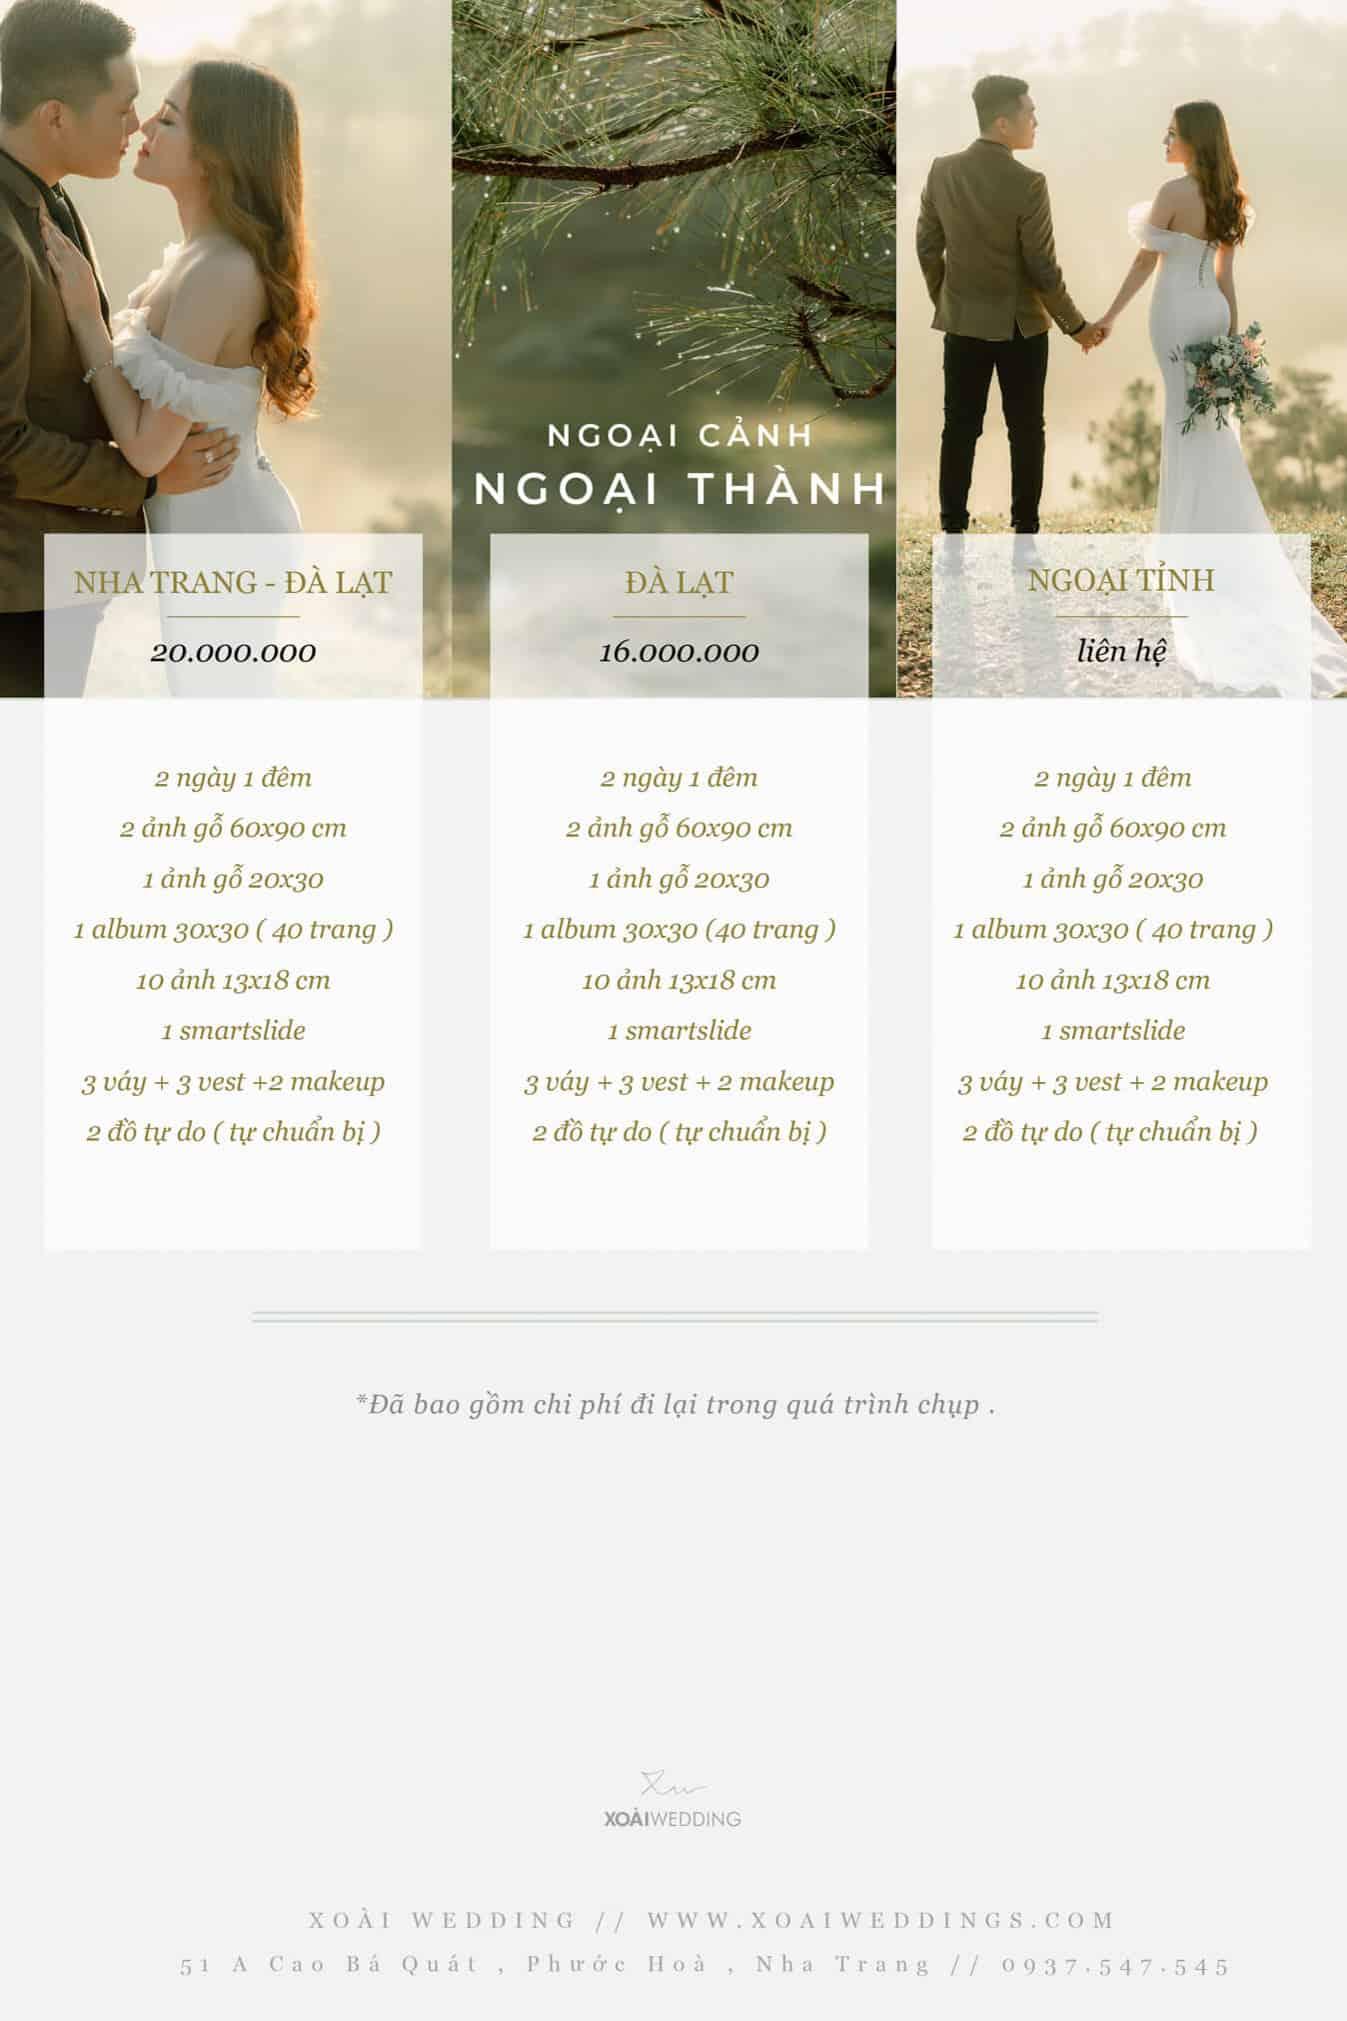 giá chụp ảnh cưới tại nha trang